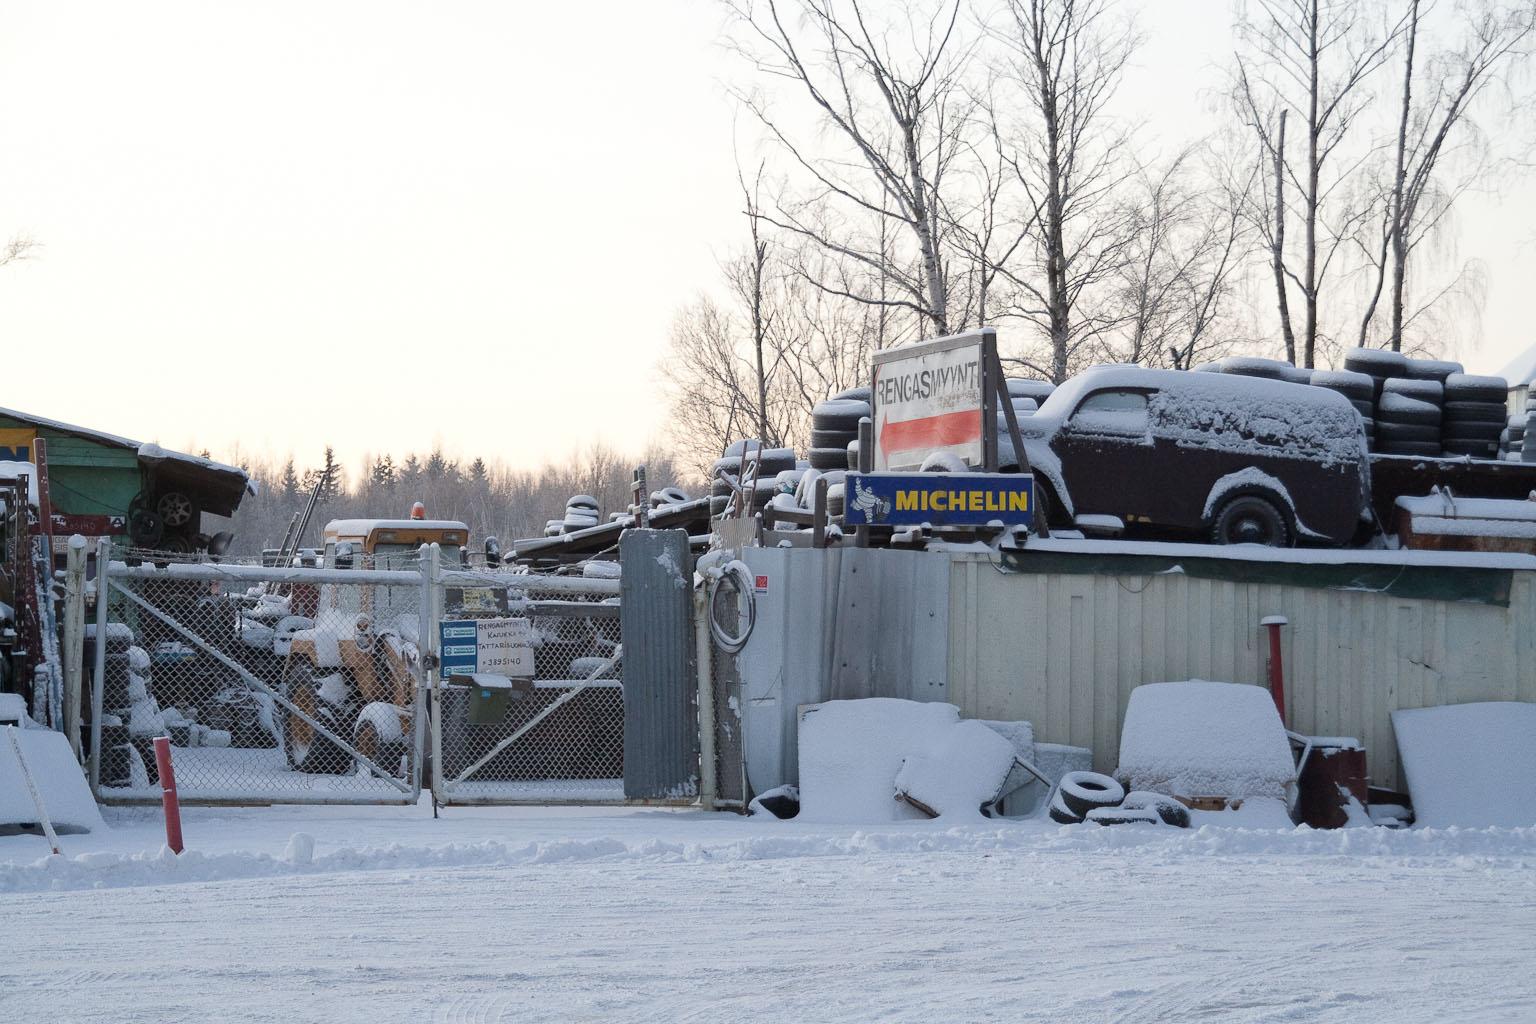 Lehtosen ostama varaosa-auto oli vuosikaudet romuliikkeen katolla.